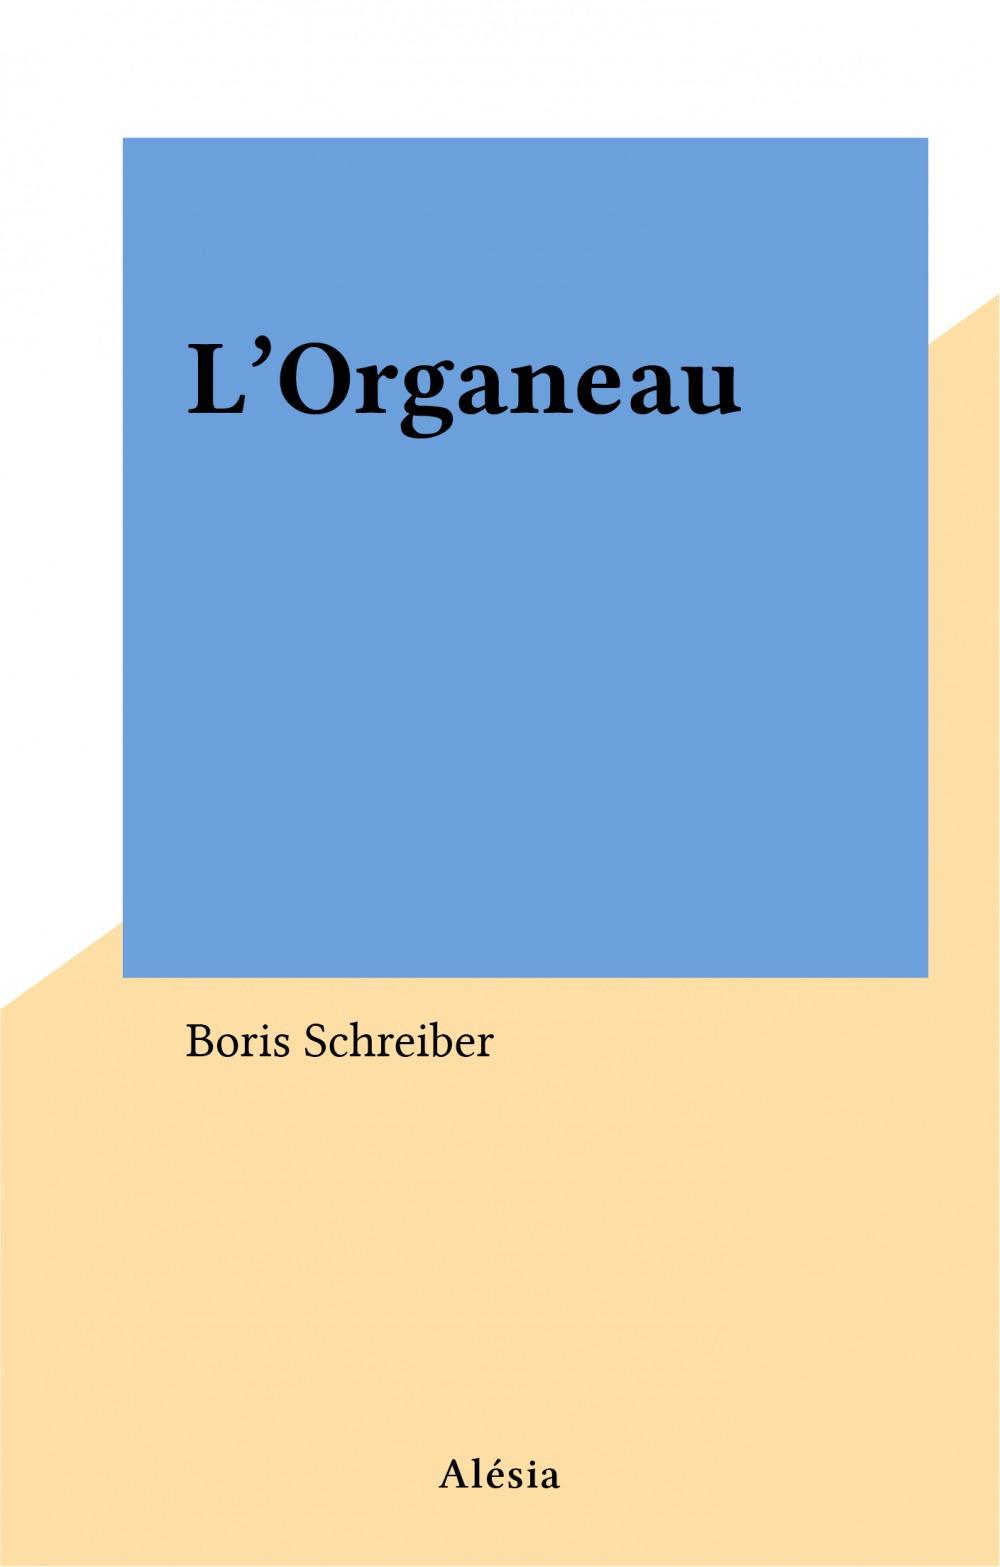 L'Organeau